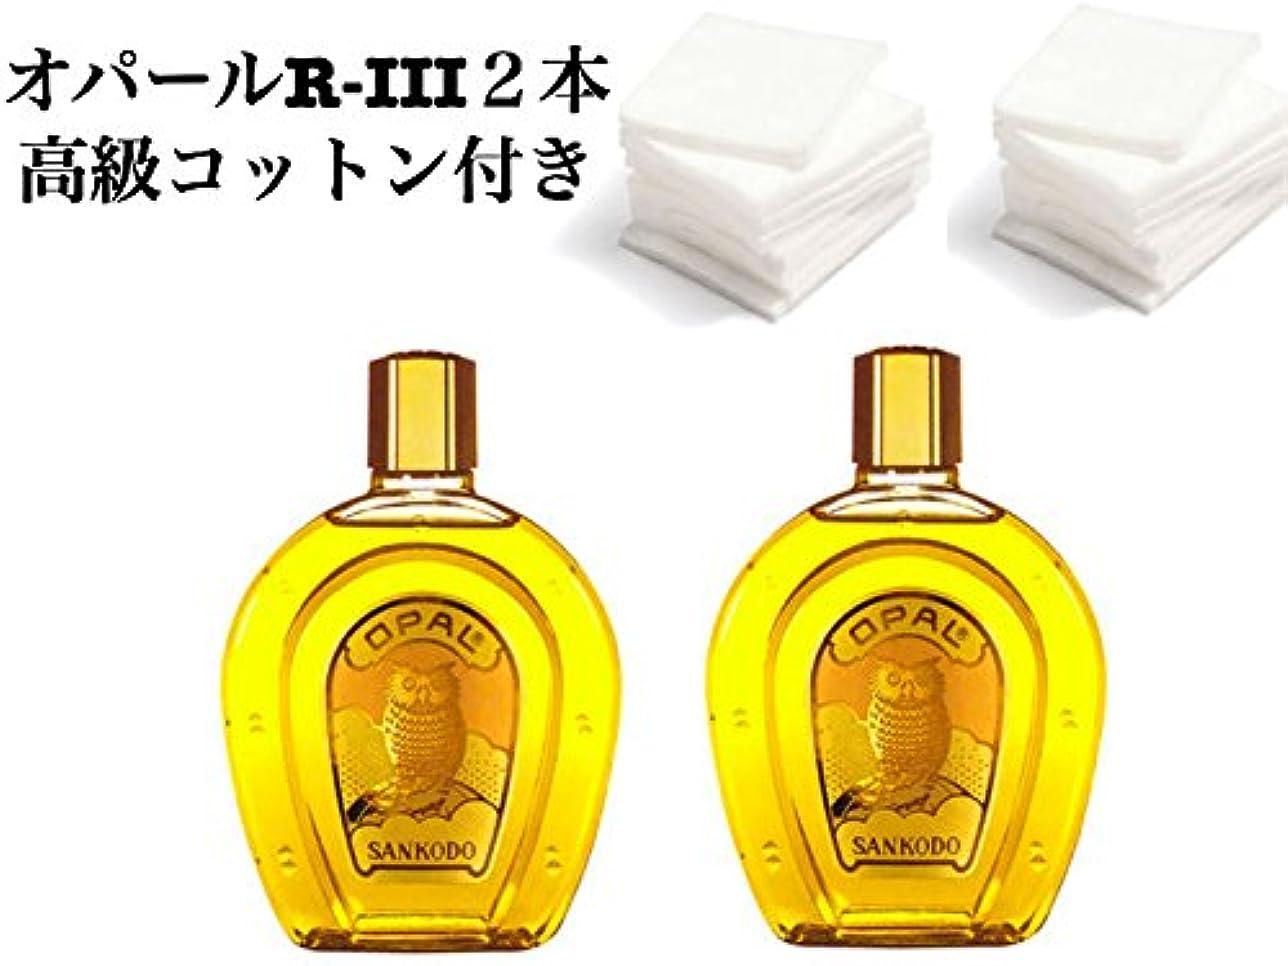 【オパール化粧品】【2本セット】薬用オパール_R-Ⅲ (460mL)